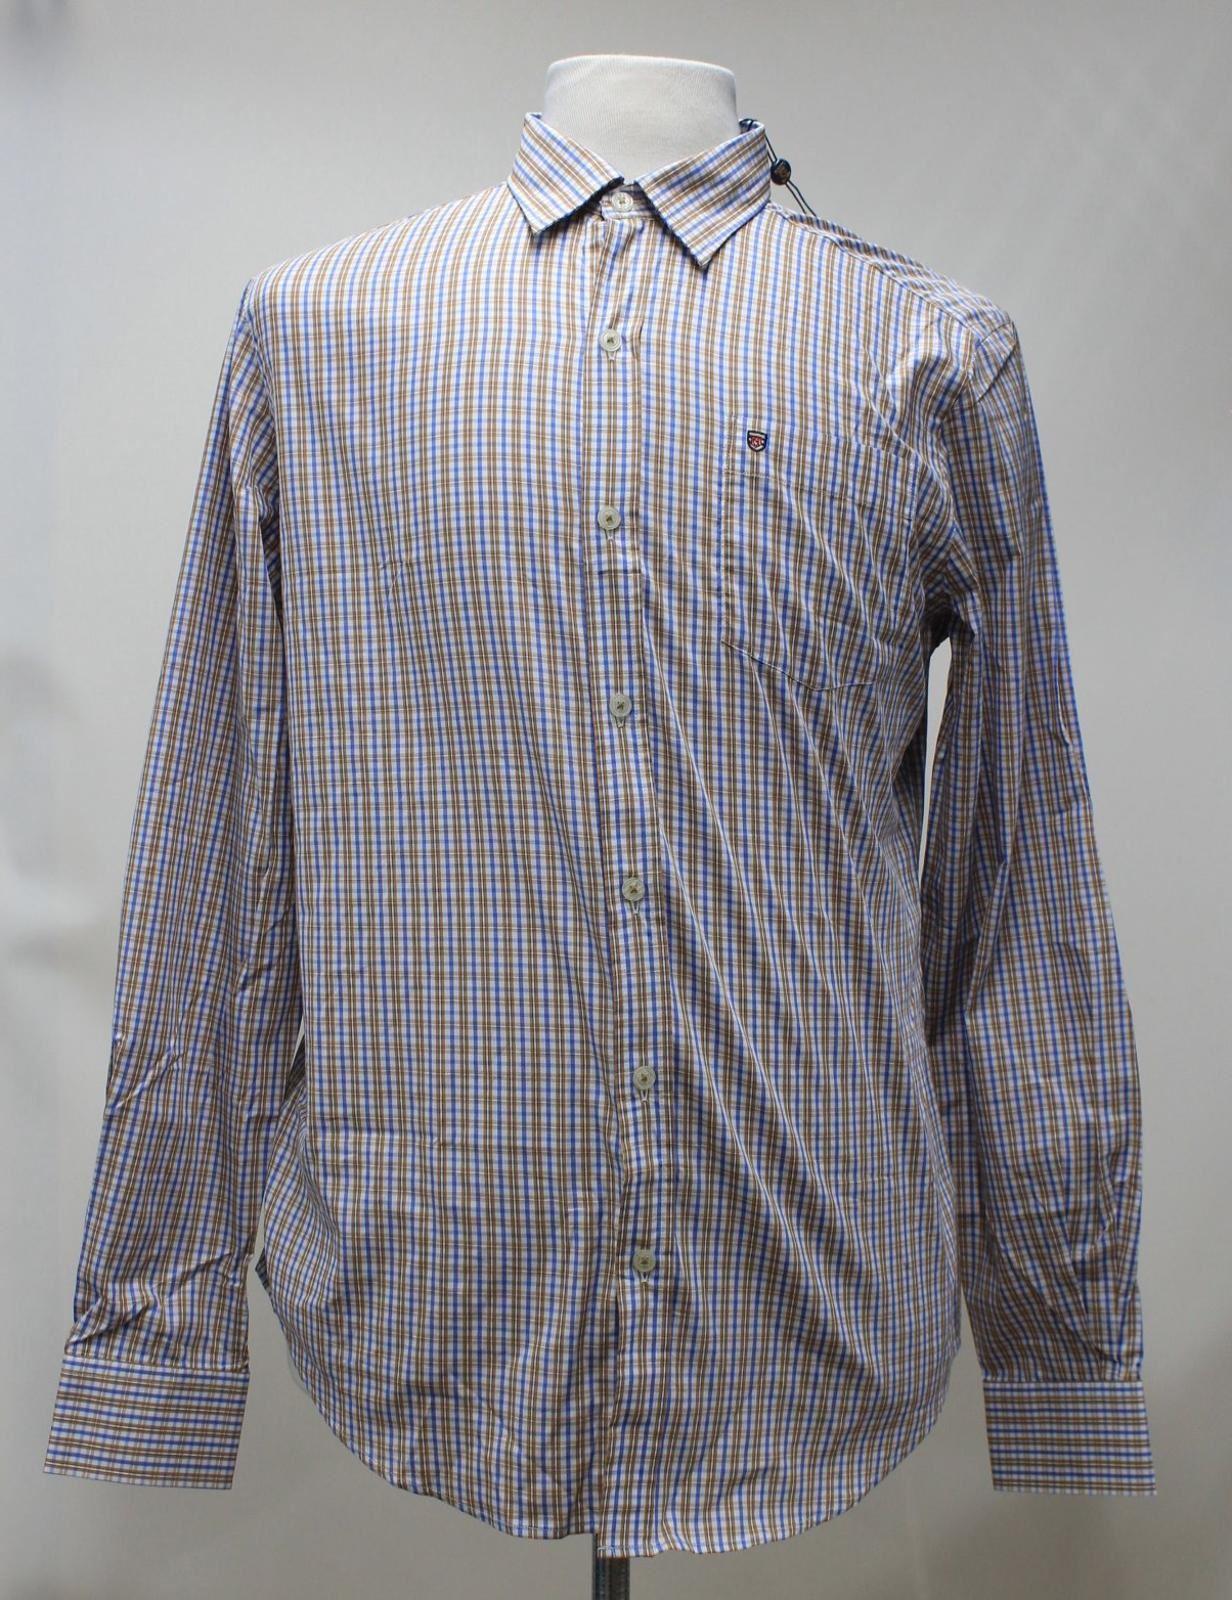 BNWT Dubarry Uomo Marronee Blu cotone check con colletto ballincollig Camicia Taglia M